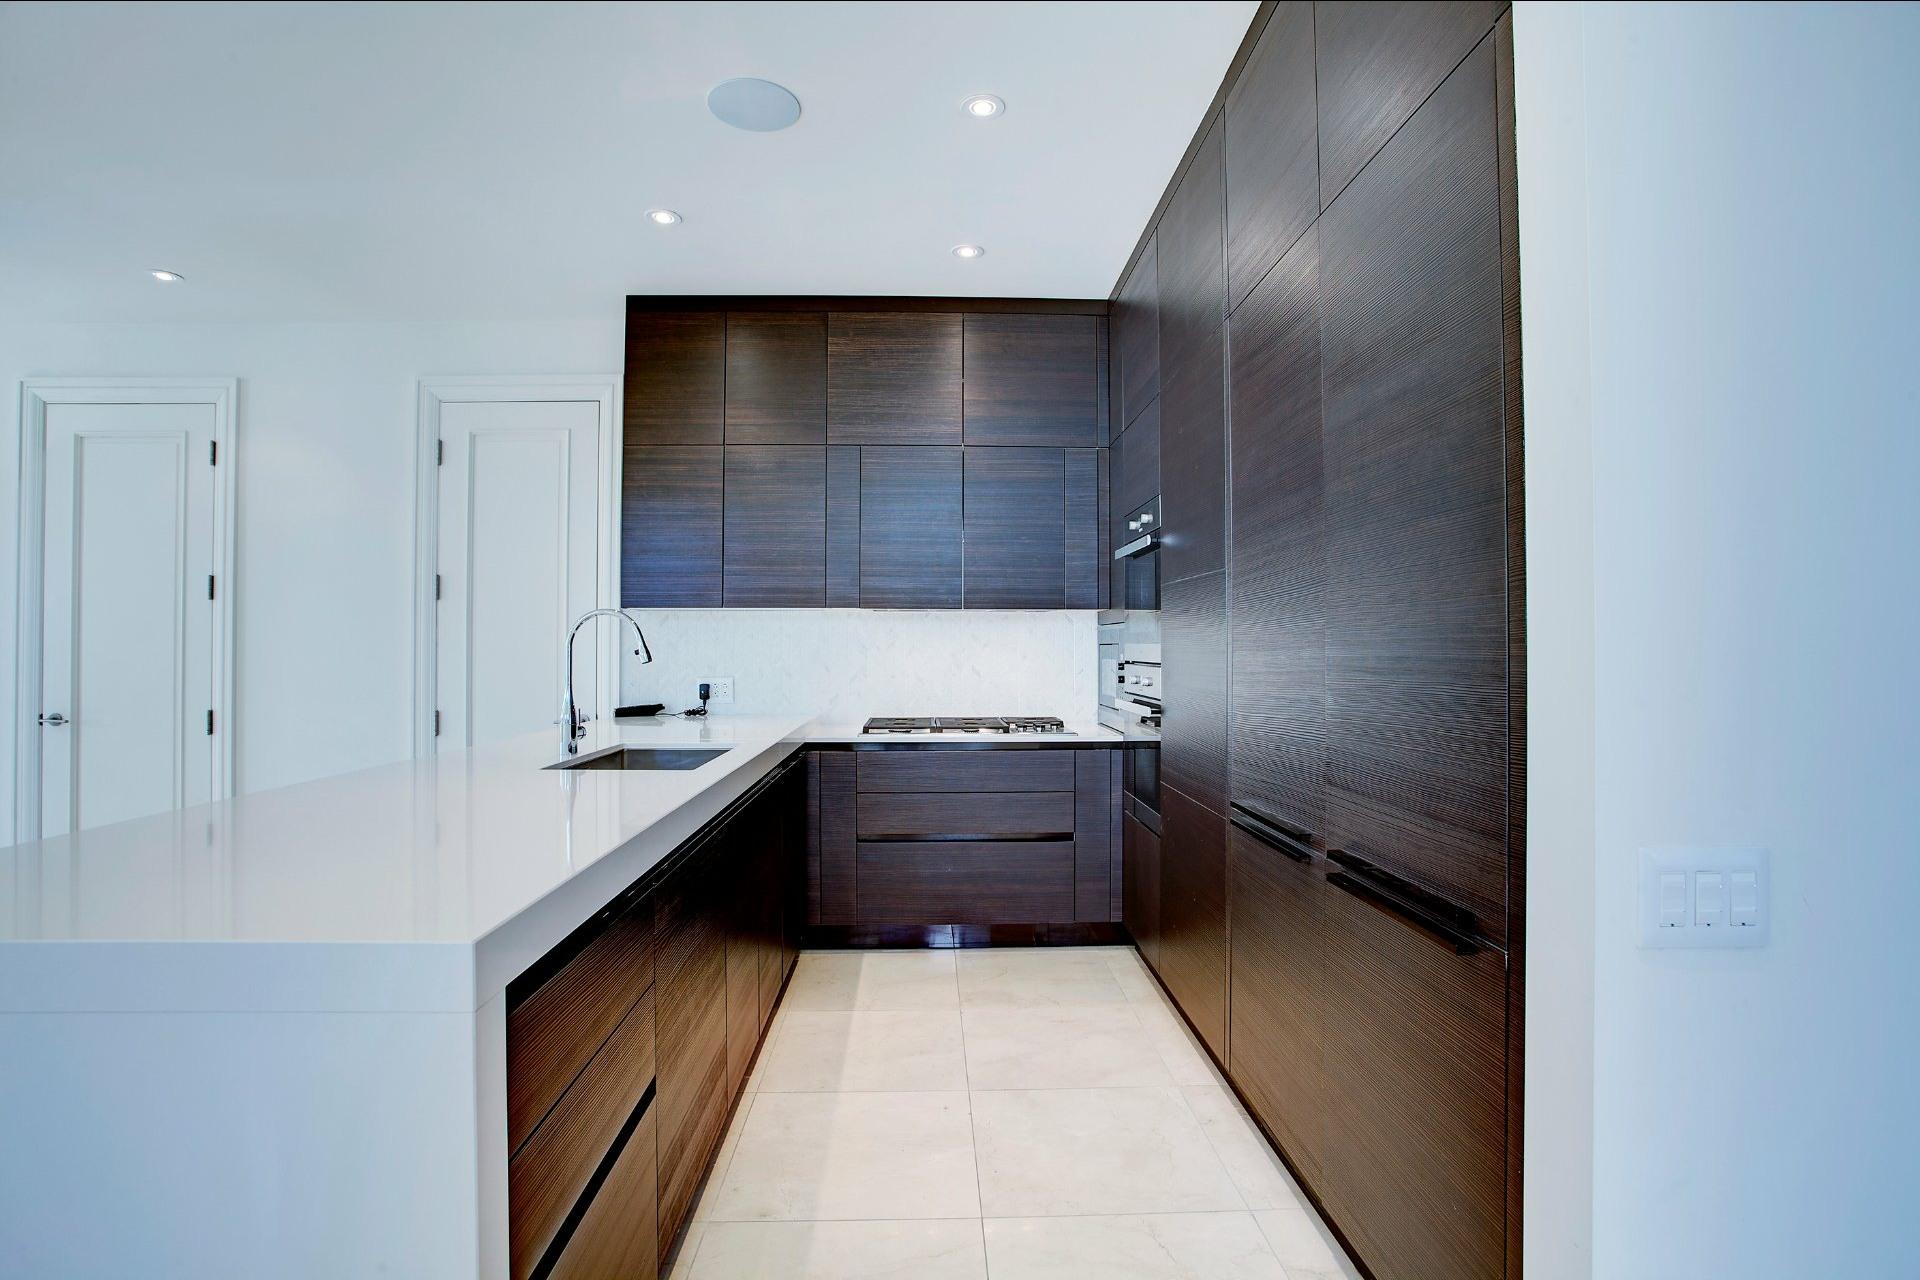 image 12 - Appartement À vendre Ville-Marie Montréal  - 4 pièces